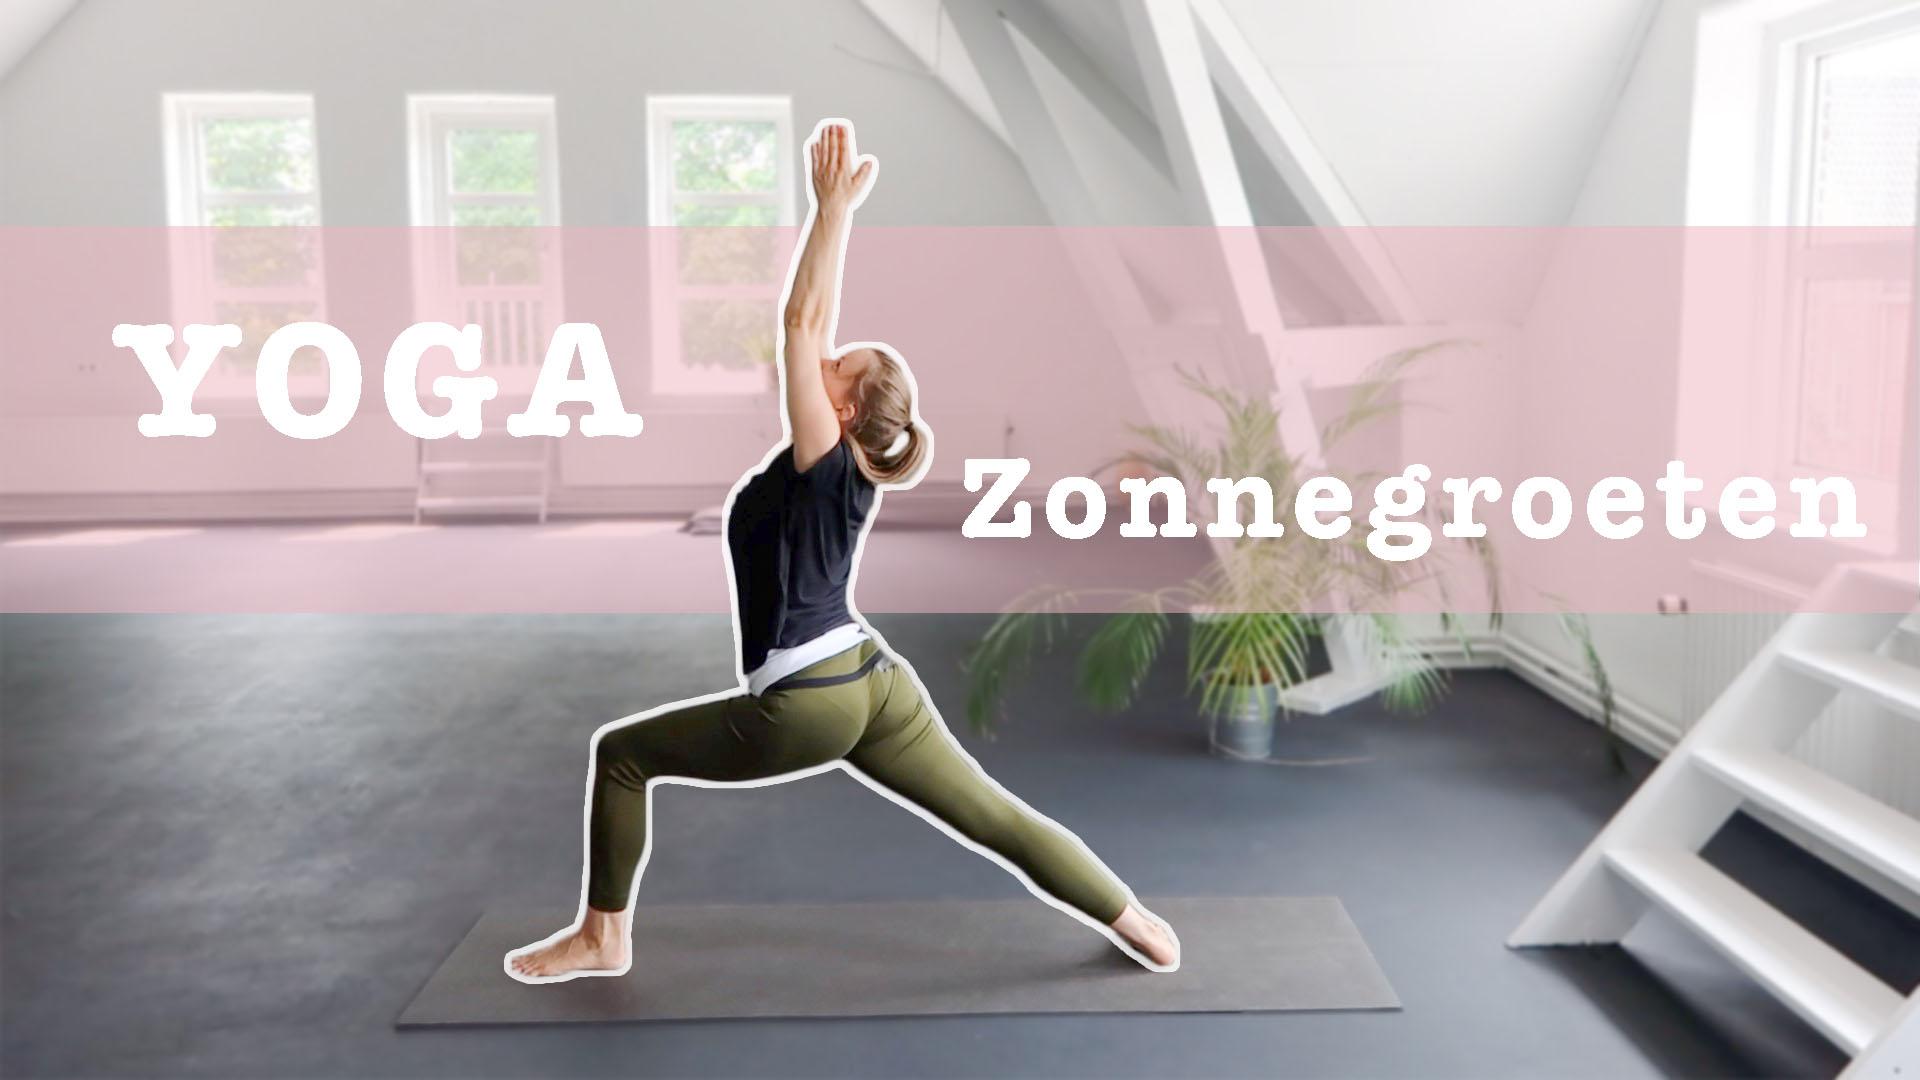 yoga zonnegroeten